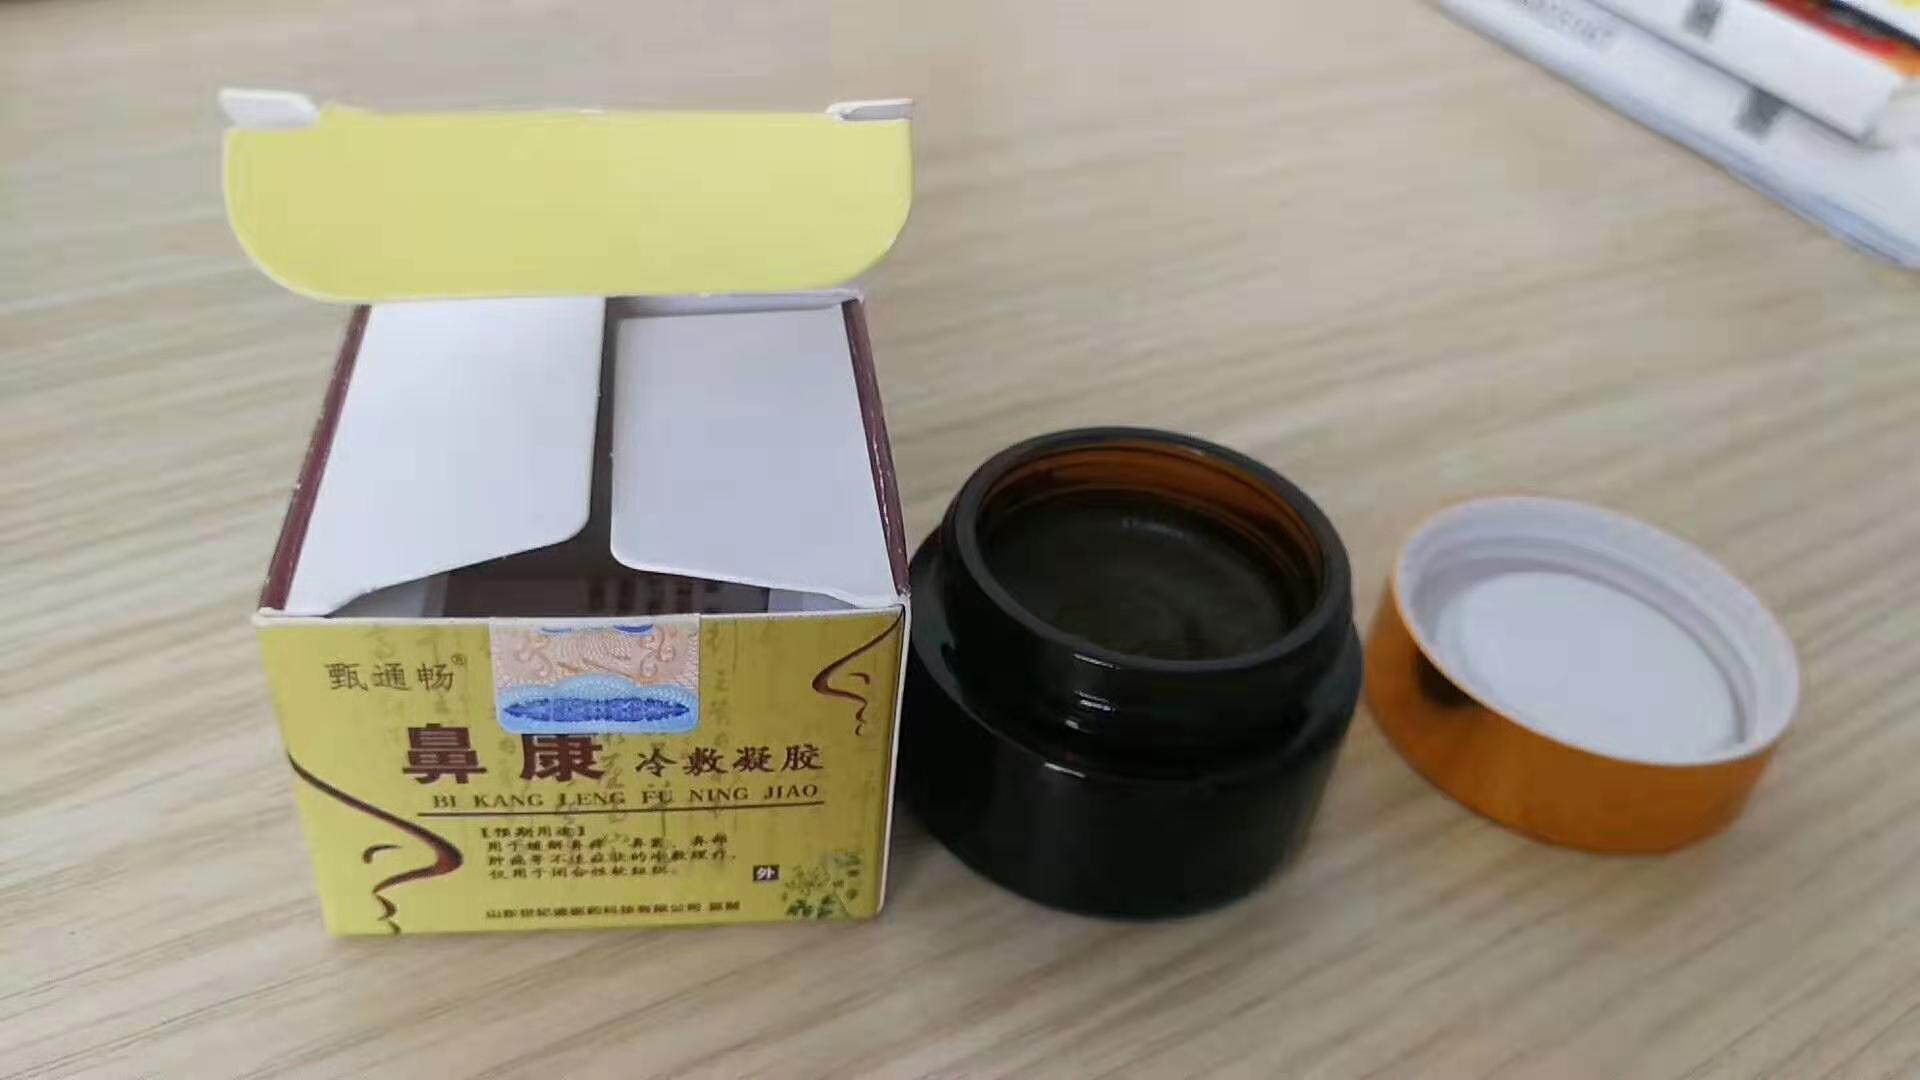 鼻炎膏、中药鼻炎膏生产厂家、鼻炎膏贴牌加工